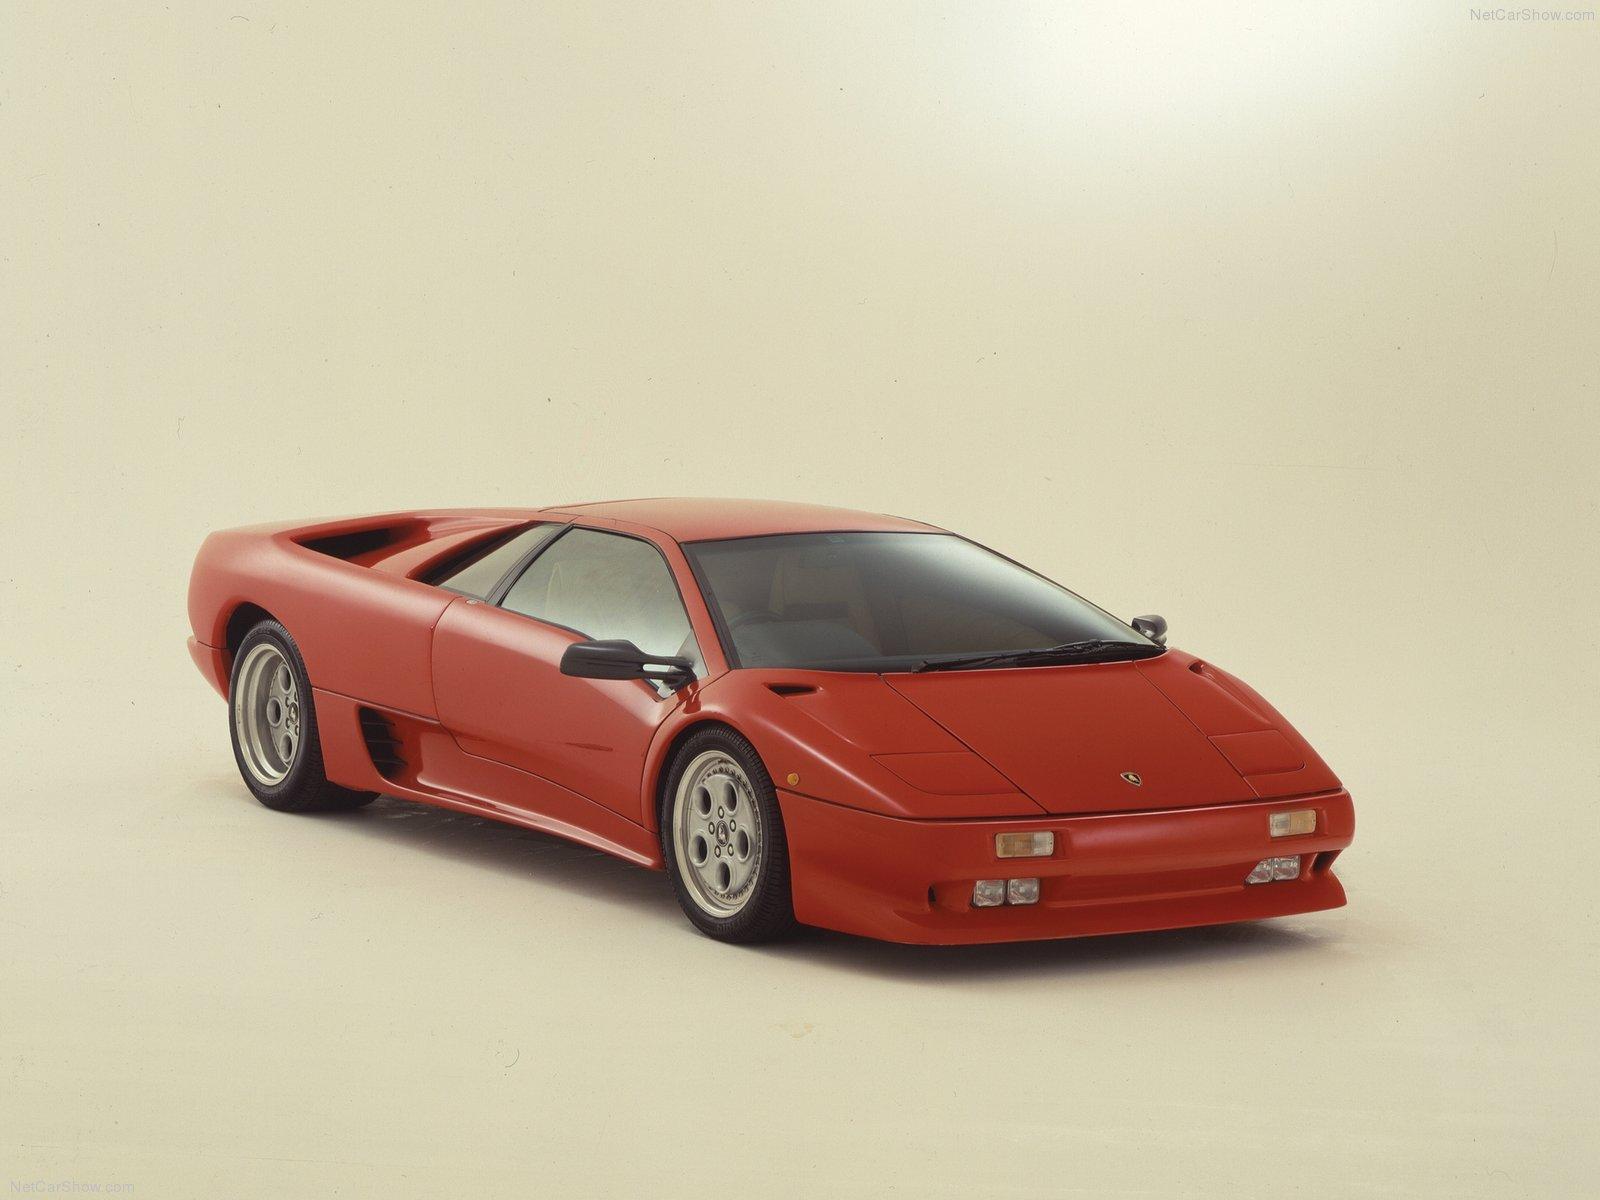 Hình ảnh siêu xe Lamborghini Diablo 1990 & nội ngoại thất